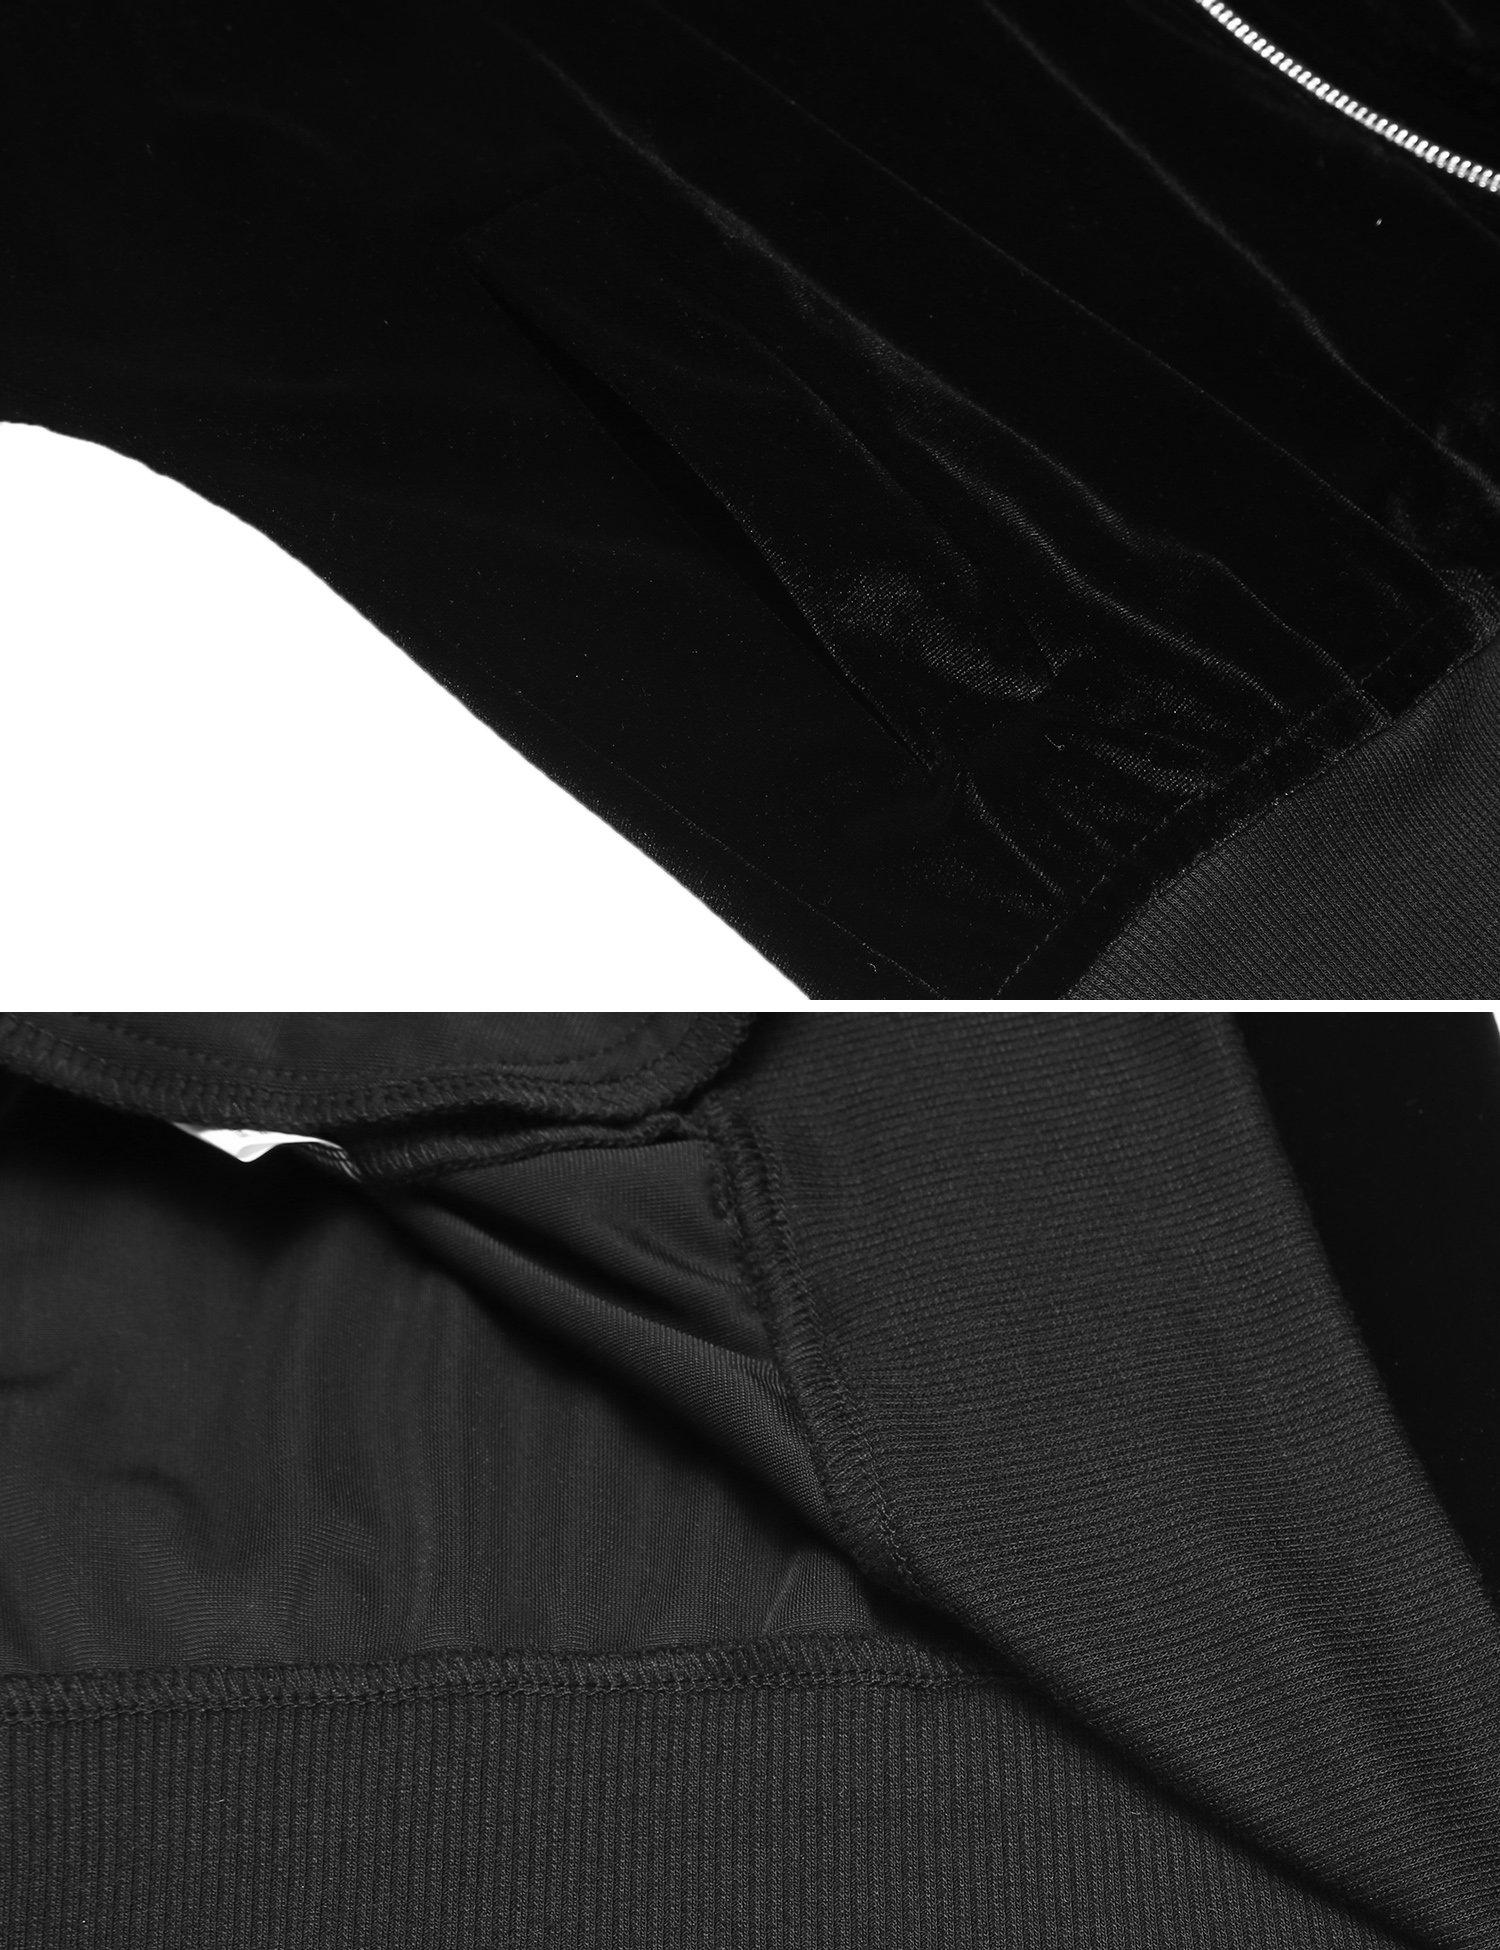 Beyove Women's Lightweight Velvet Coat Hooded Active Outdoor Windbreaker Jacket Black S by Beyove (Image #6)